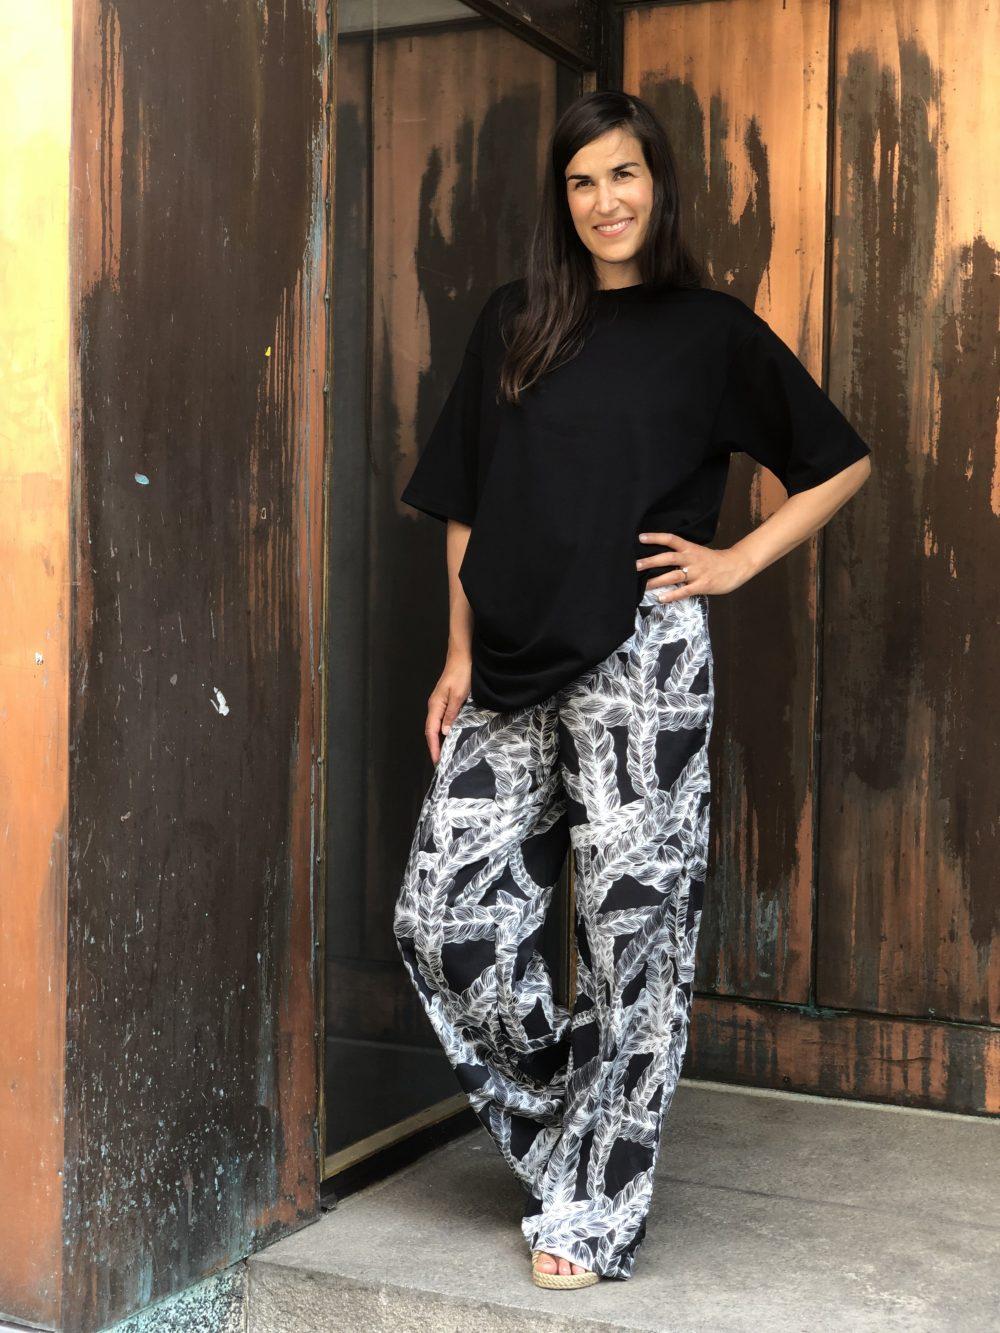 Vimma trousers ILONA Letti black XS-L - black, ILONA, letti, trousers, XS-L